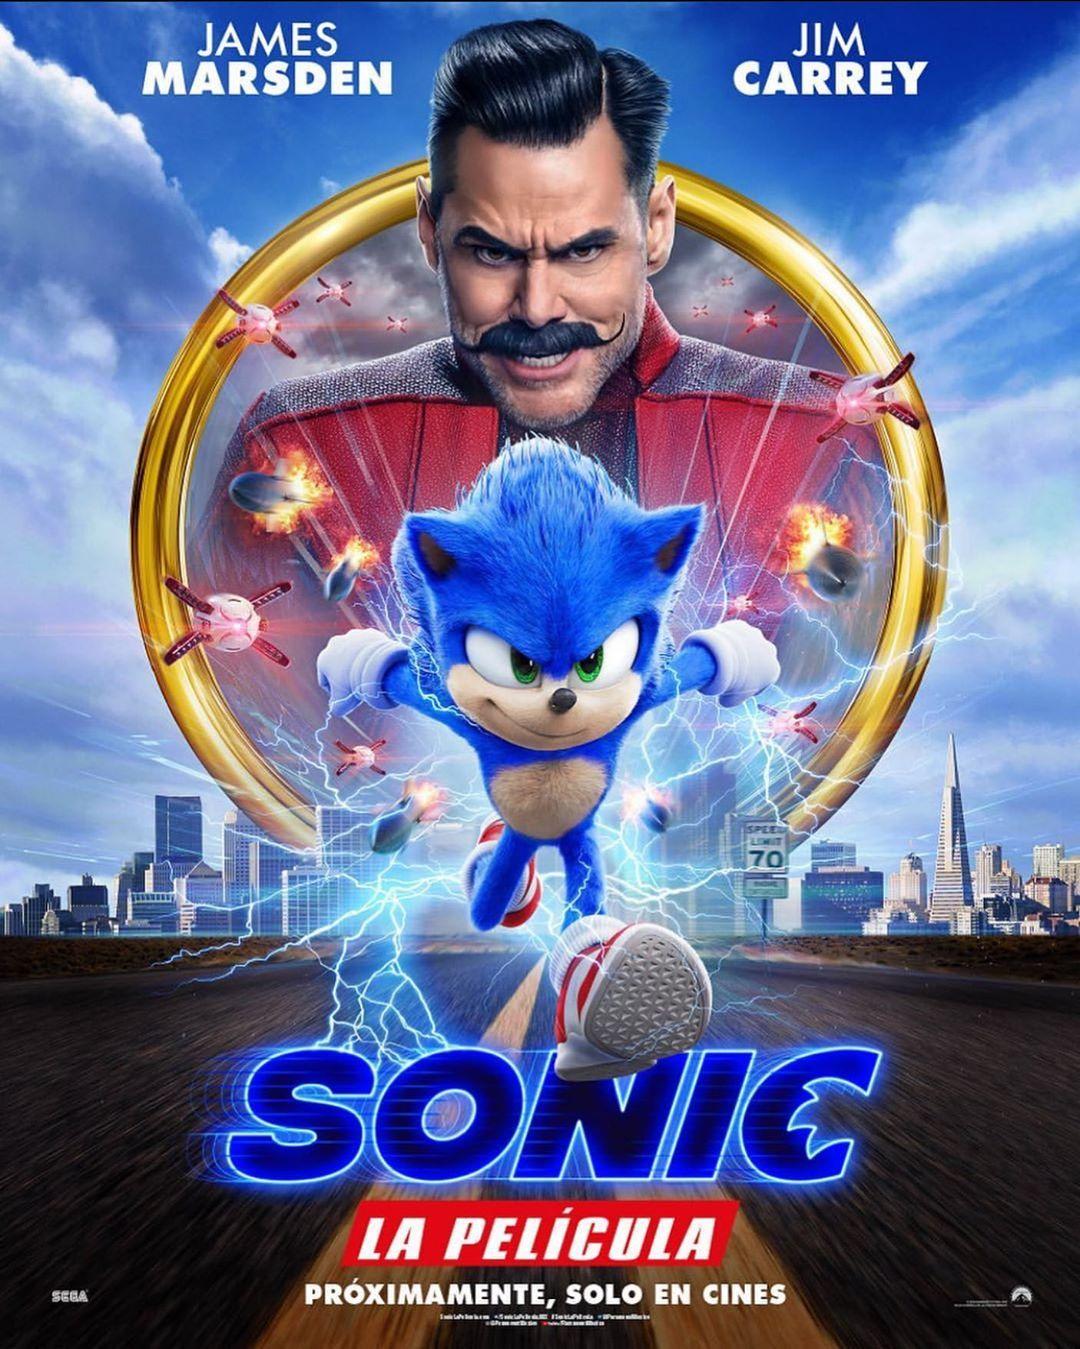 Sonic La Pelicula Nuevo Trailer Redisenado Pelicula De Sonic Peliculas Infantiles De Disney Peliculas En Linea Gratis